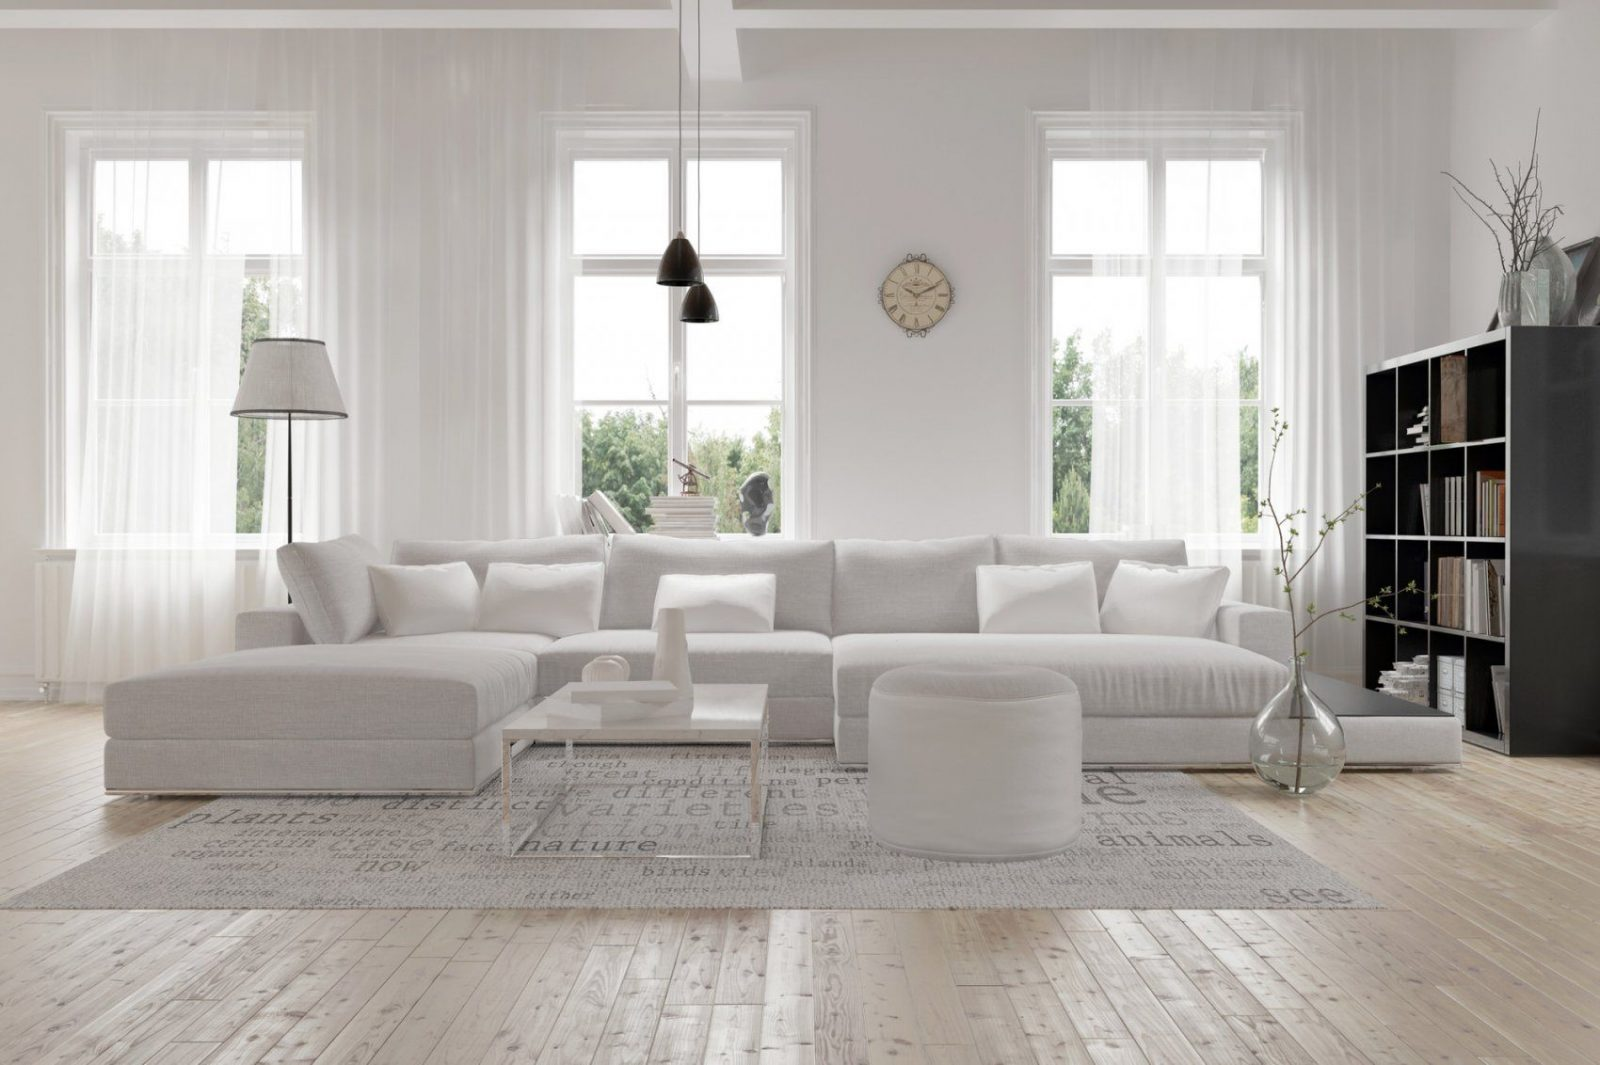 Ikea Wohnzimmer Programm Zimmer Einrichten App Simple Full Size Of